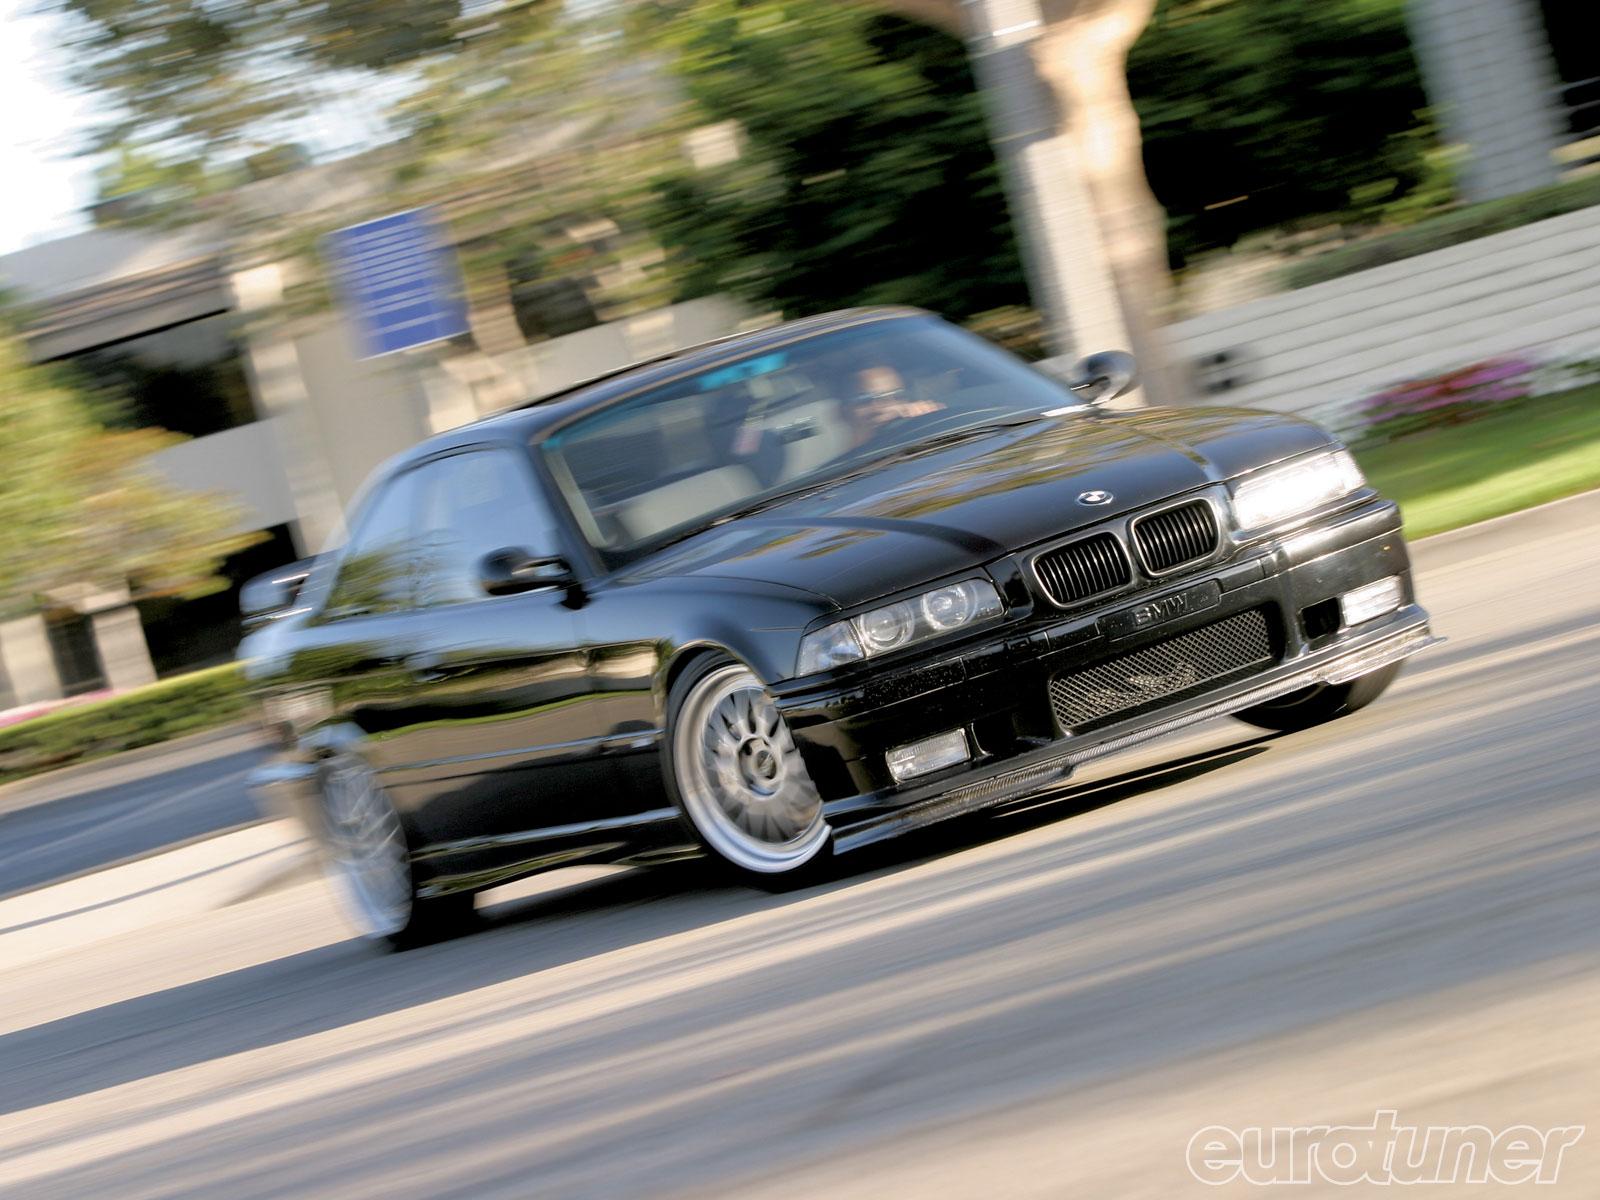 BMW E36 325i, 328i Bimmer - Buyer's Guide Part 2 - Eurotuner